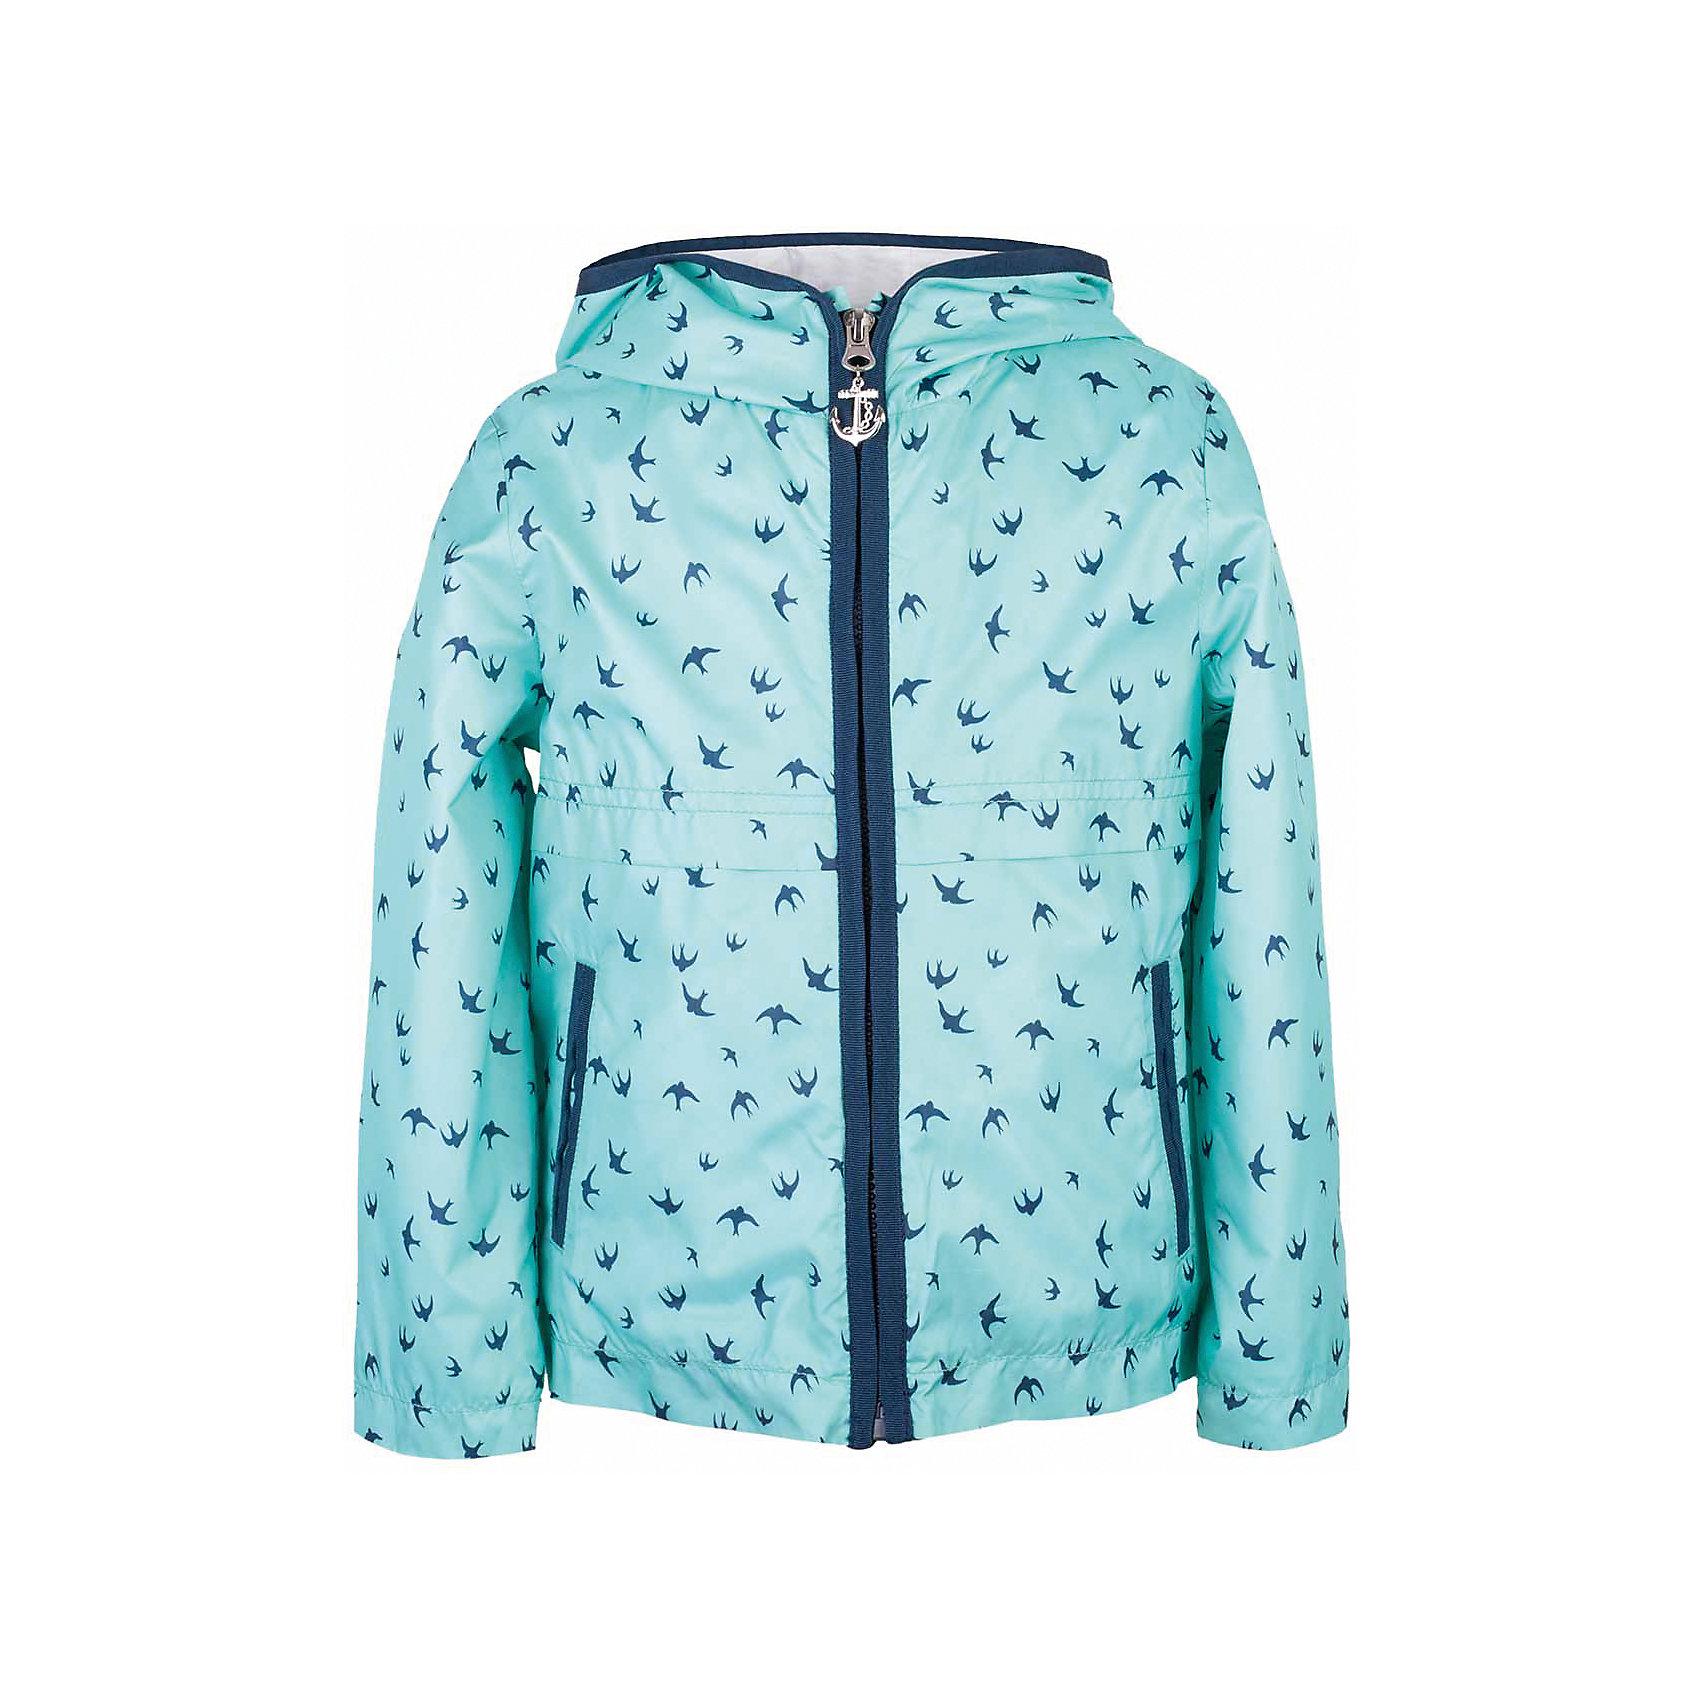 Куртка для девочки  BUTTON BLUEВерхняя одежда<br>Куртка для девочки  BUTTON BLUE<br>Яркая ветровка с рисунком - прекрасное решение для летней прохлады. Модная комфортная форма, сочный цвет, продуманные детали подарят отличное настроение, мягкая трикотажная подкладка обеспечит уют, капюшон защитит от дождя и ветра. Если вы решили купить ветровку для девочки недорого, но хотите быть уверены в ее комфорте, качестве, высоких потребительских свойствах, ветровка Button Blue - то, что нужно!<br>Состав:<br>Ткань  верха: 100%  полиэстер, подклад: 100% хлопок/ 100% полиэстер<br><br>Ширина мм: 356<br>Глубина мм: 10<br>Высота мм: 245<br>Вес г: 519<br>Цвет: зеленый<br>Возраст от месяцев: 144<br>Возраст до месяцев: 156<br>Пол: Женский<br>Возраст: Детский<br>Размер: 158,98,104,110,116,122,128,134,140,146,152<br>SKU: 5523400